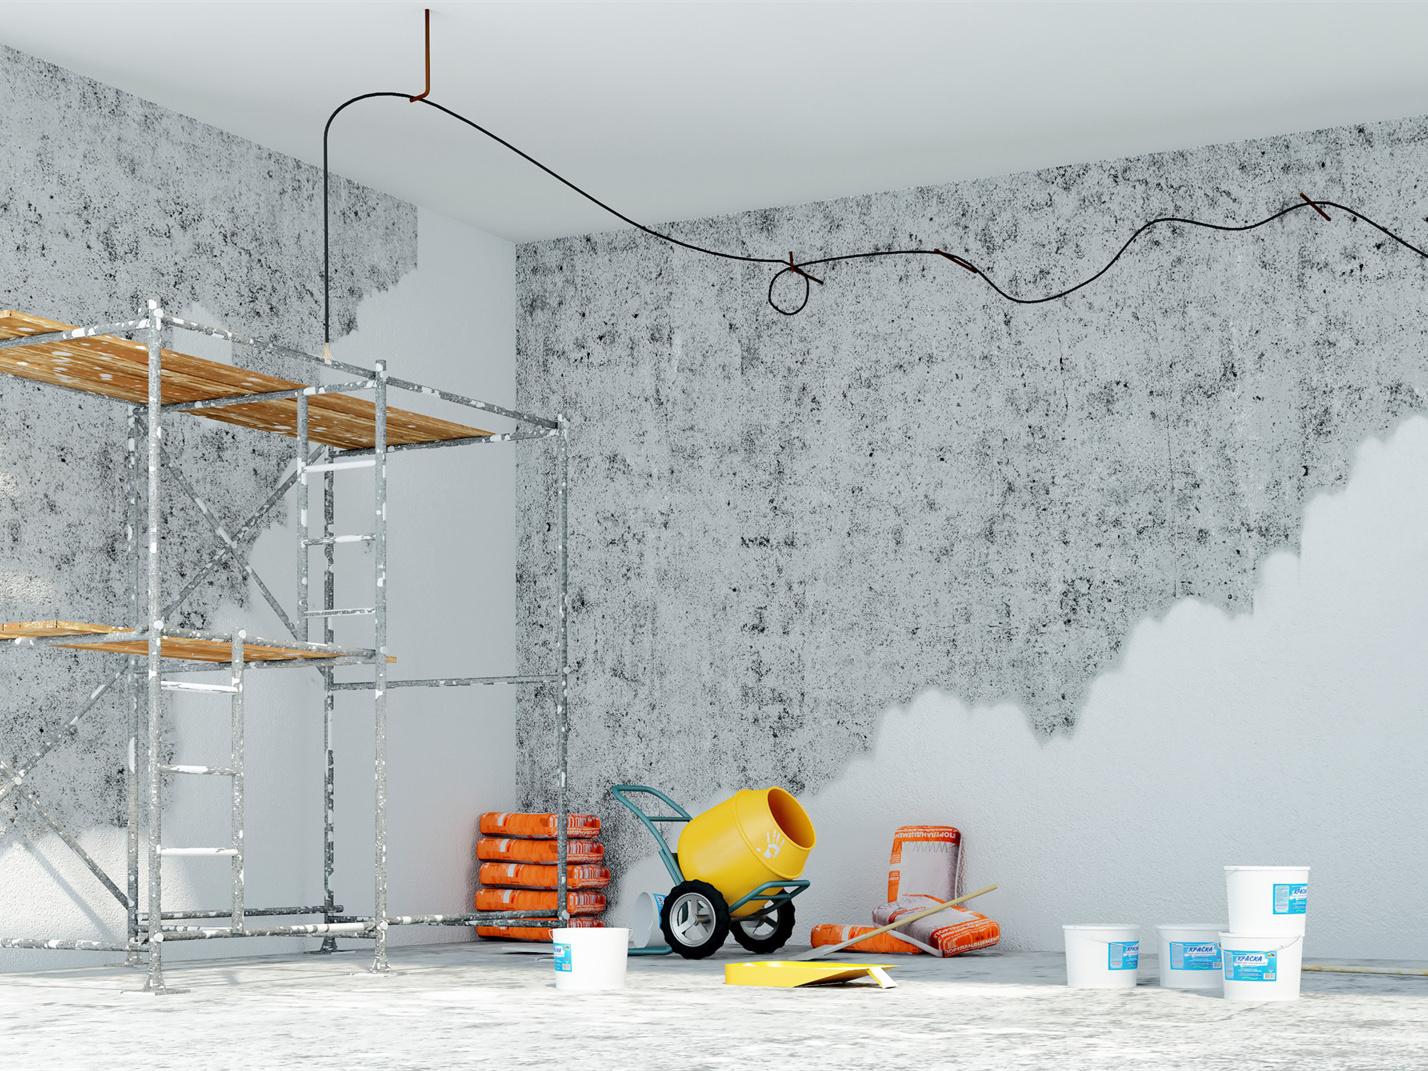 装修流程小知识:房屋装修步骤的详细流程